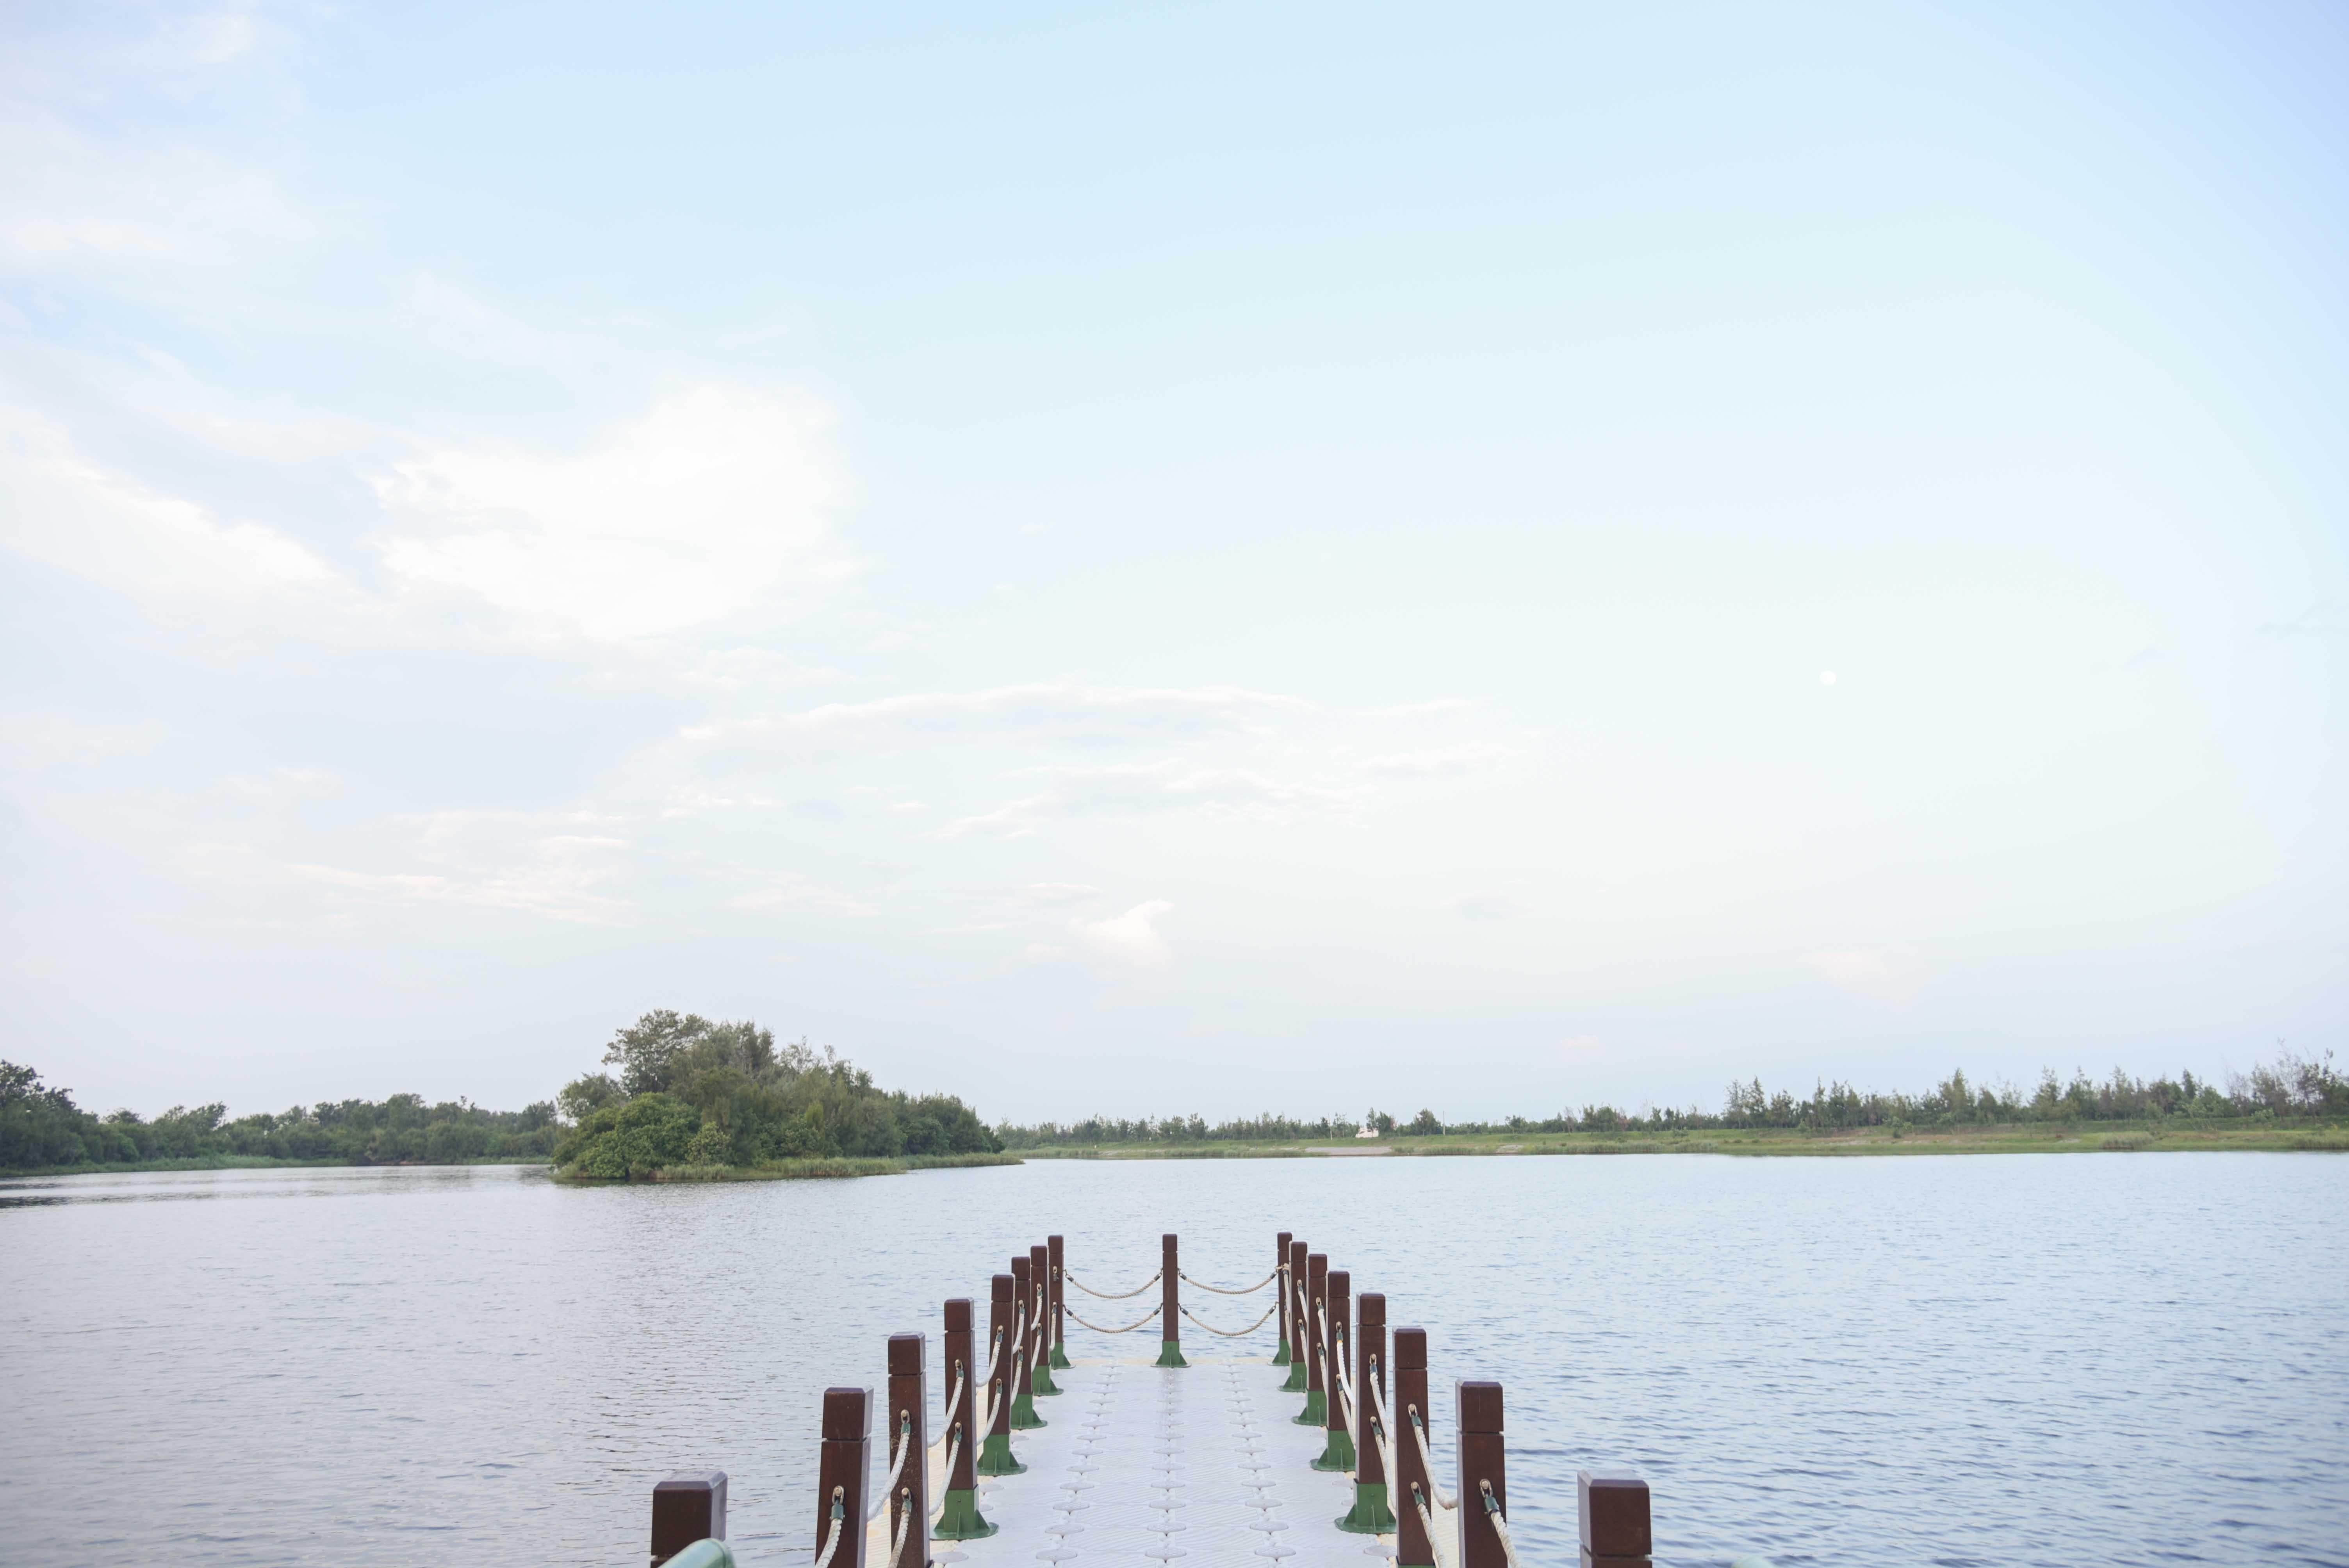 椬梧帯湖景観公園埠頭